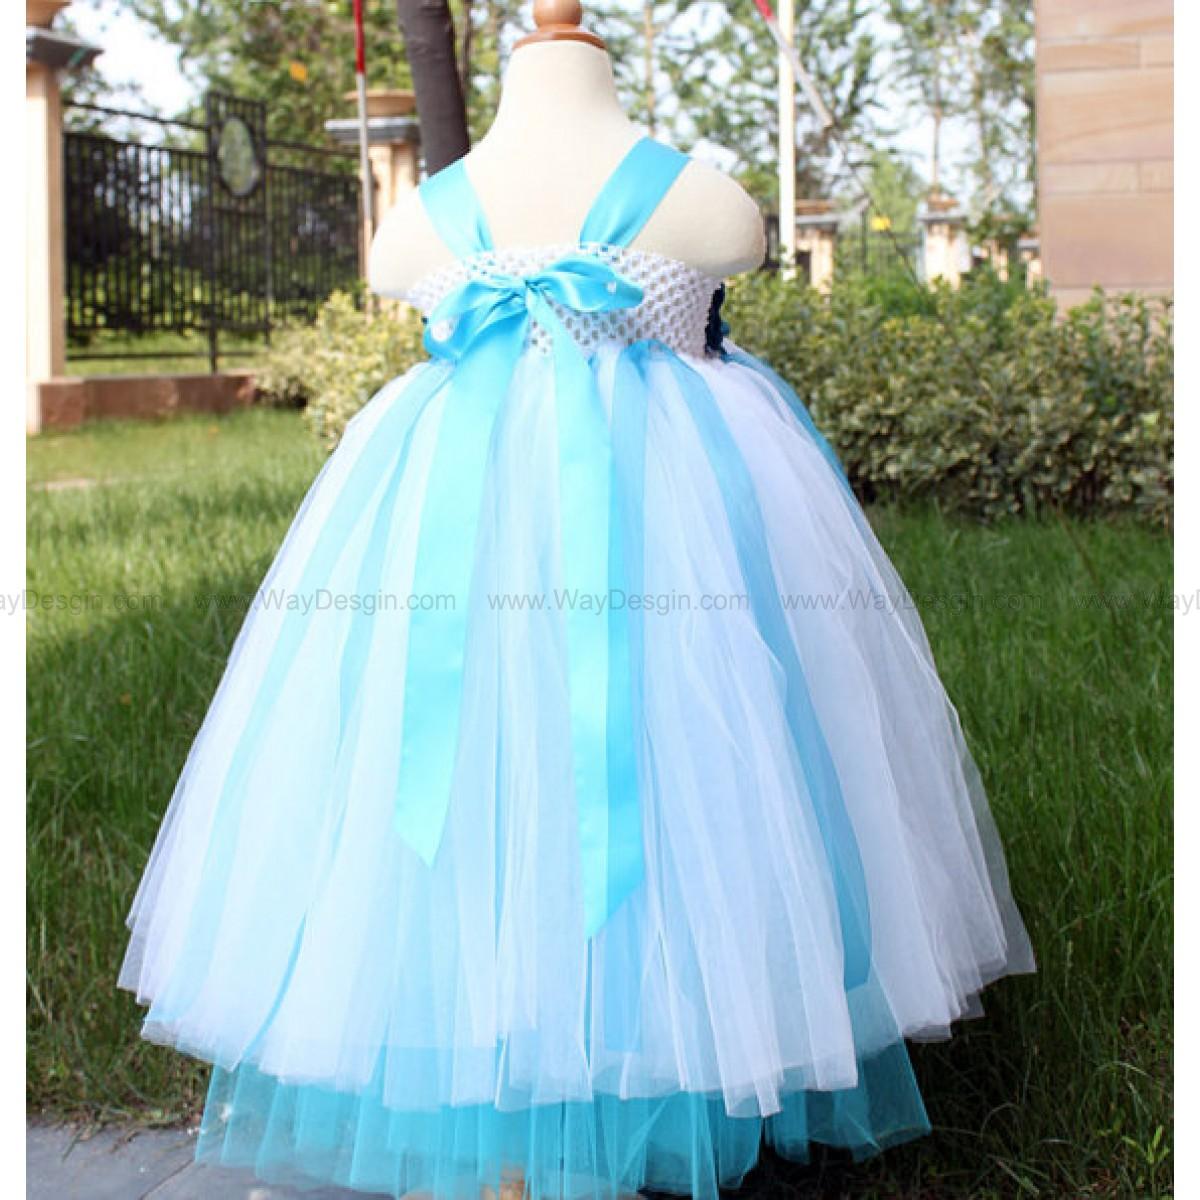 Flower girl dress with headband turquoise white tutu dress baby flower girl dress with headband turquoise white tutu dress baby dress toddler birthday dress wedding dress mightylinksfo